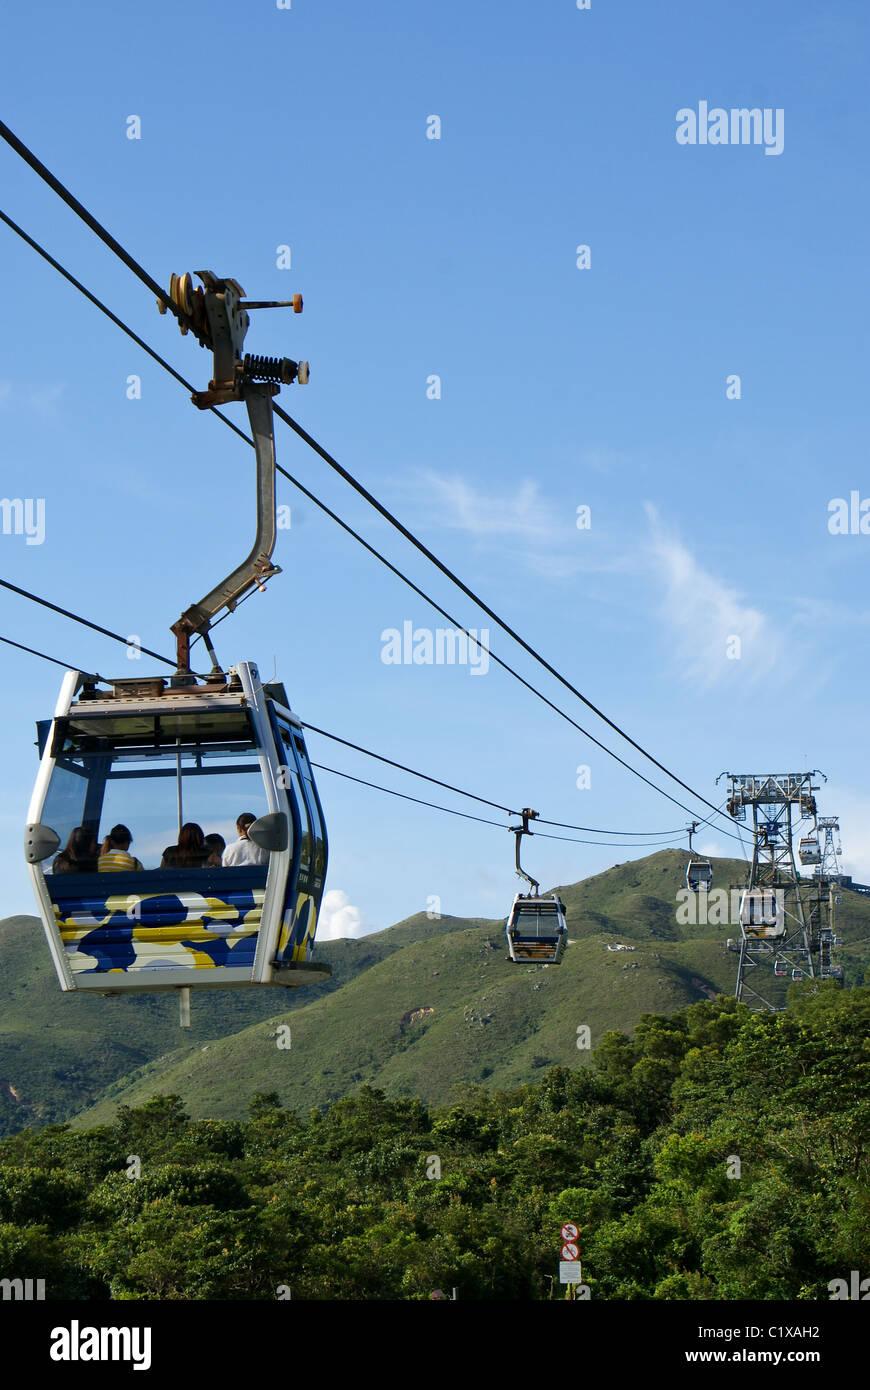 Cable car, Lantau Island, Hong Kong, China - Stock Image